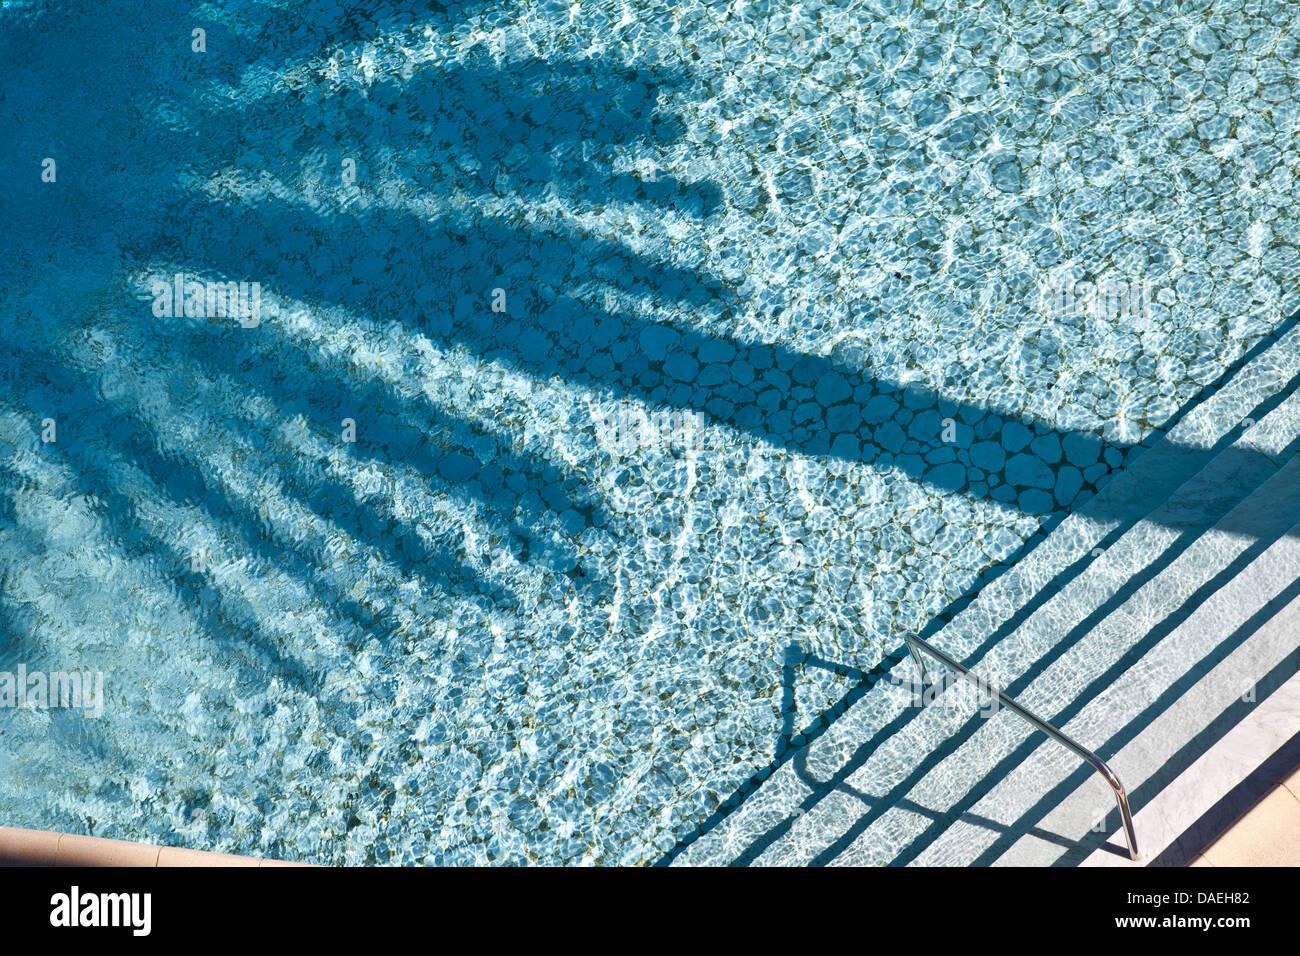 Piscine avec piscine à l'ombre des palmiers. Photo Stock